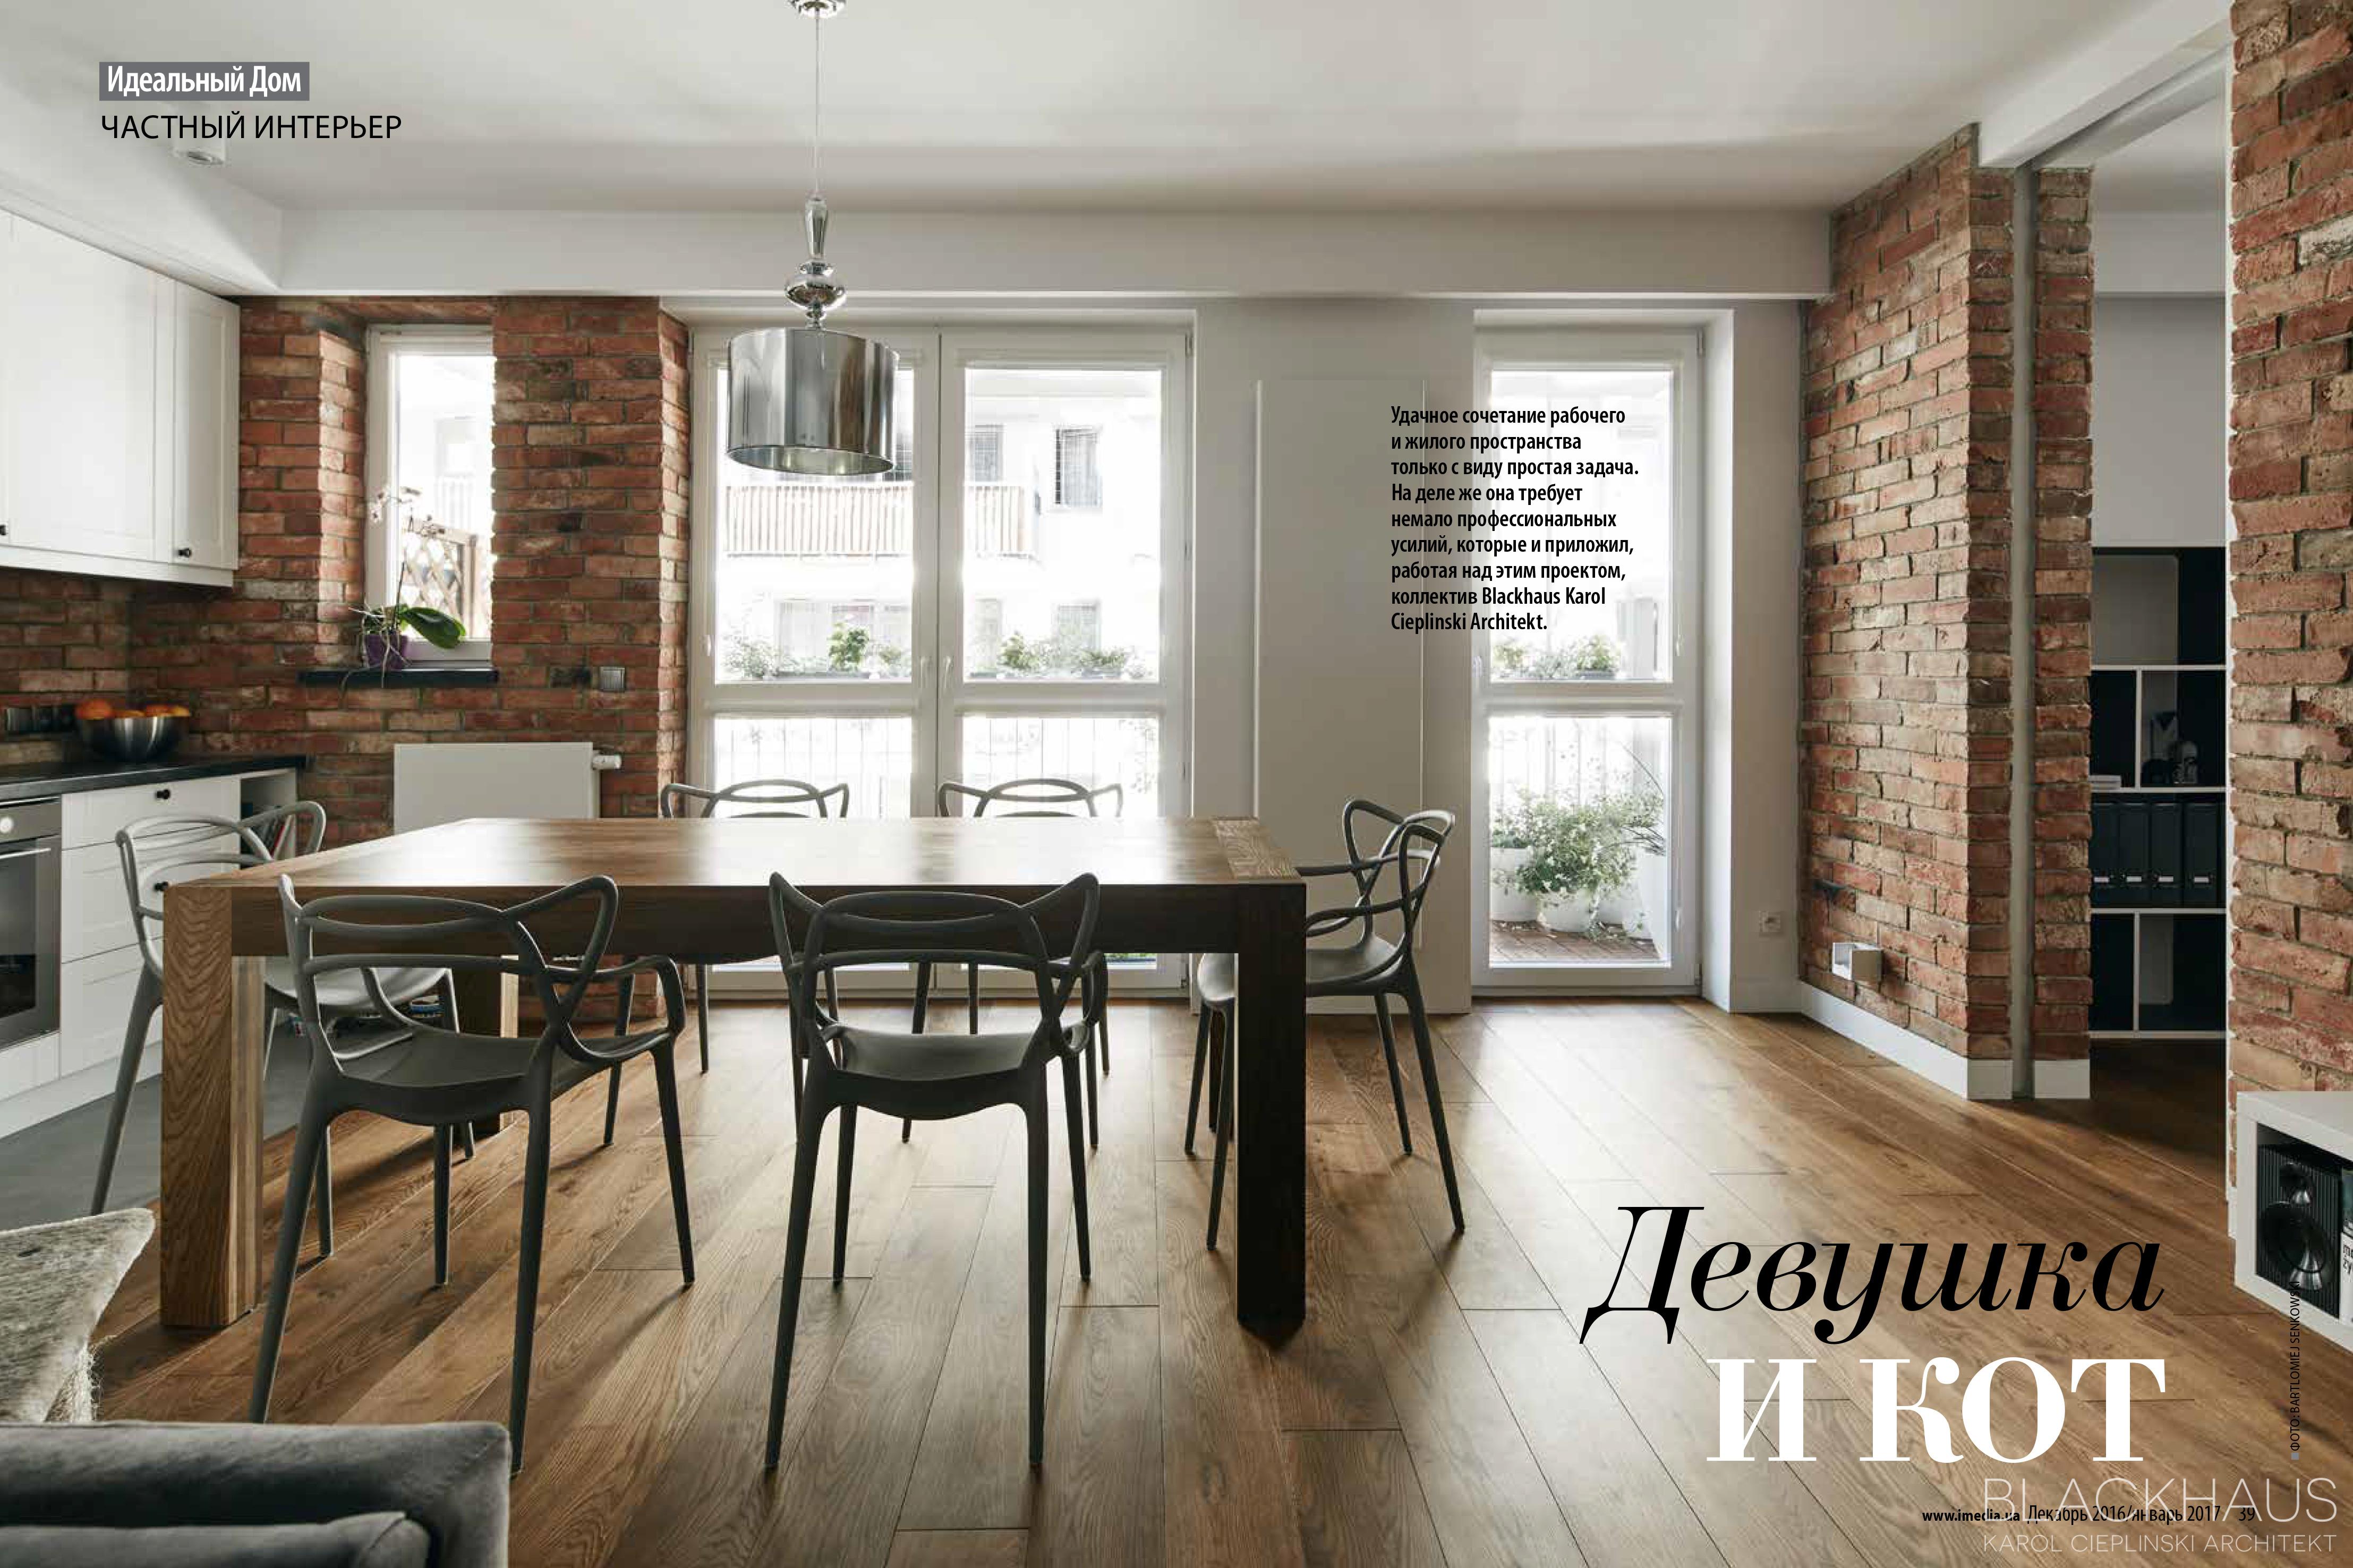 01 idealnyj dom